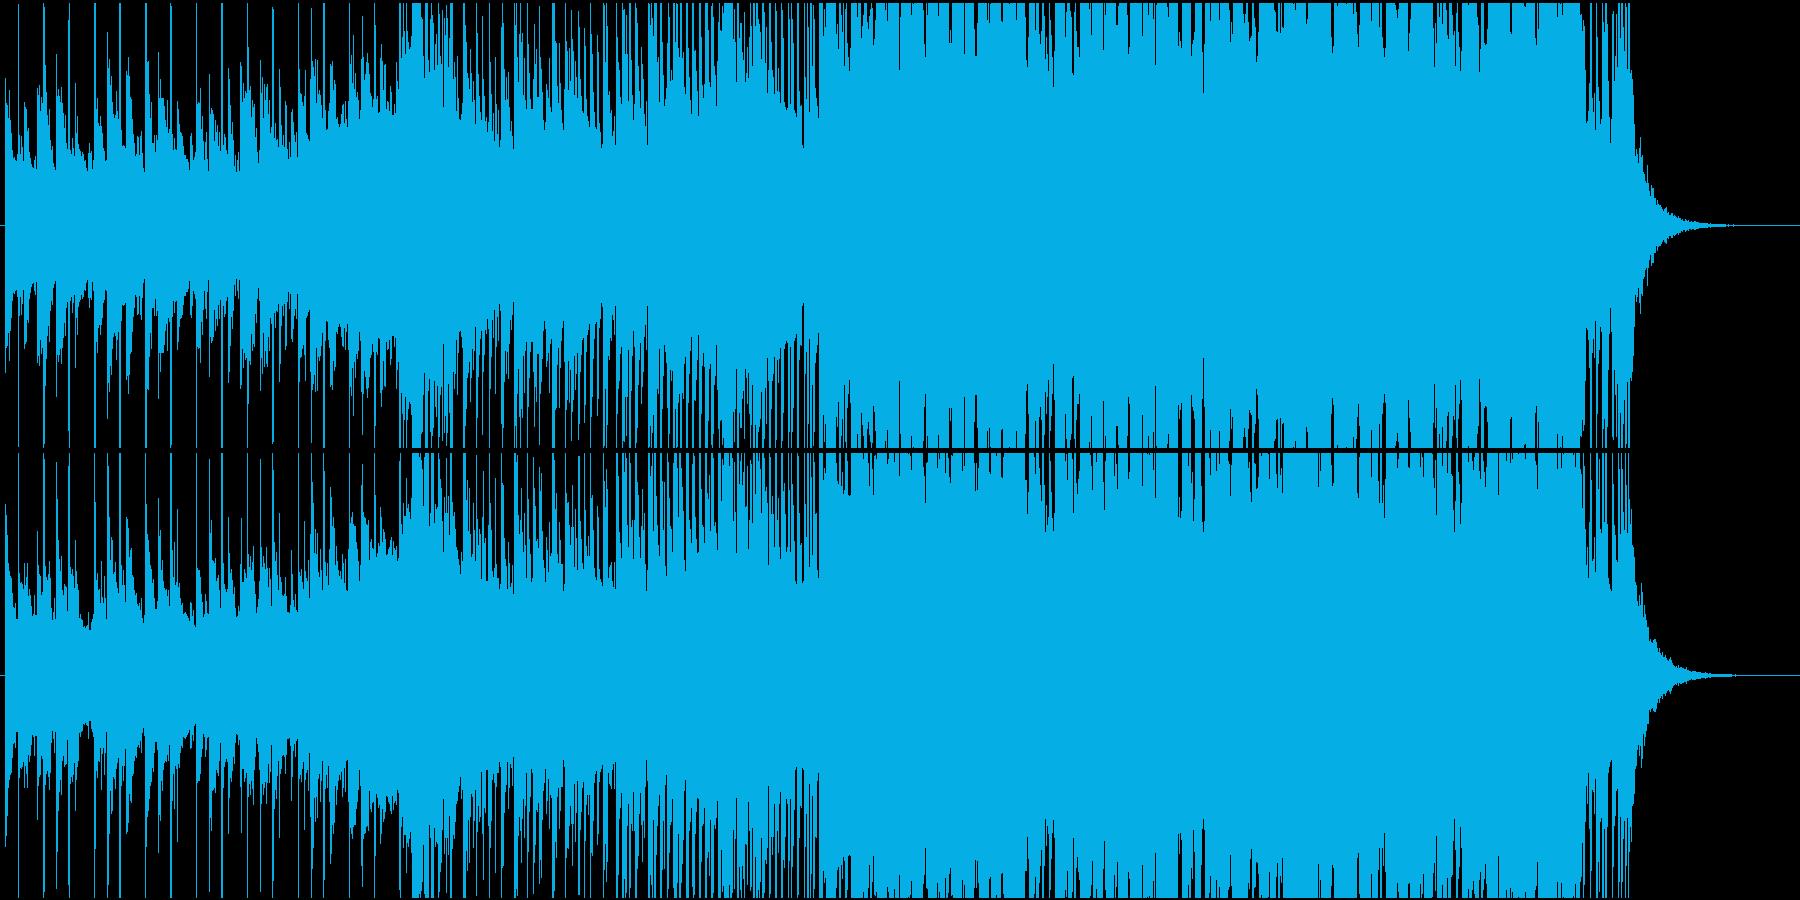 EDMスタイルのトロピカルハウスの再生済みの波形